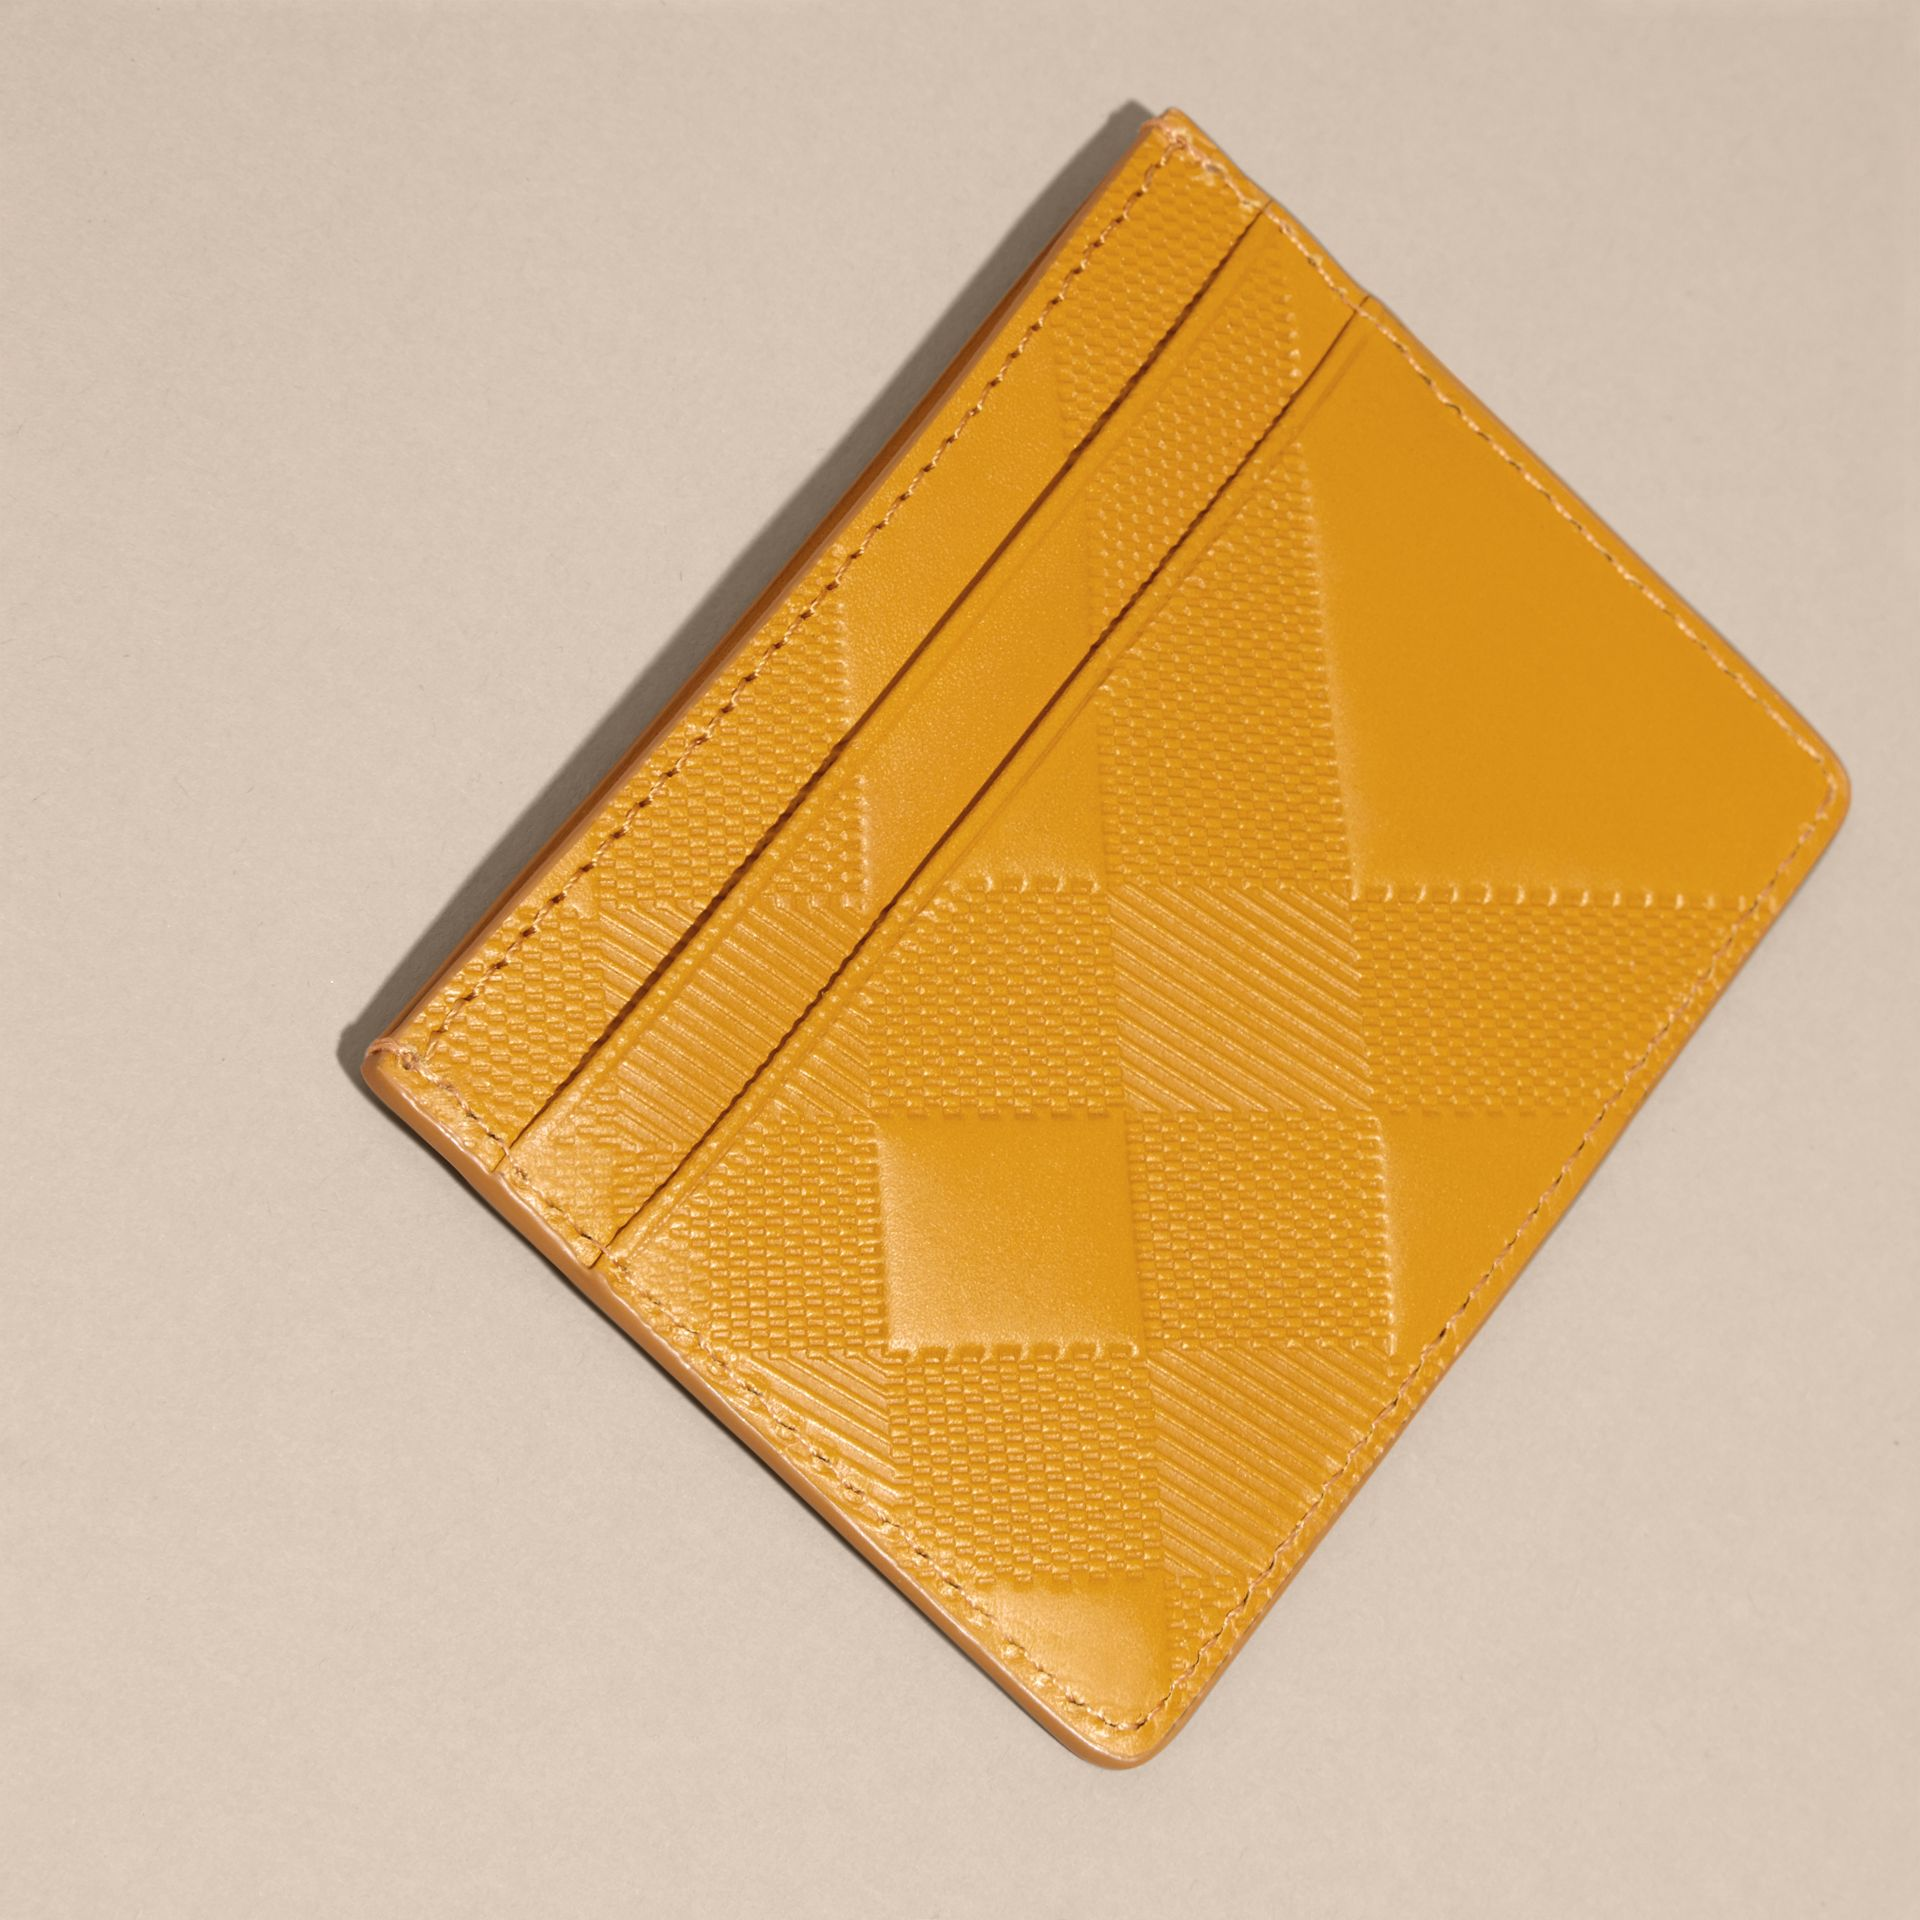 アンバーイエロー チェックエンボストレザー カードケース アンバーイエロー - ギャラリーイメージ 4